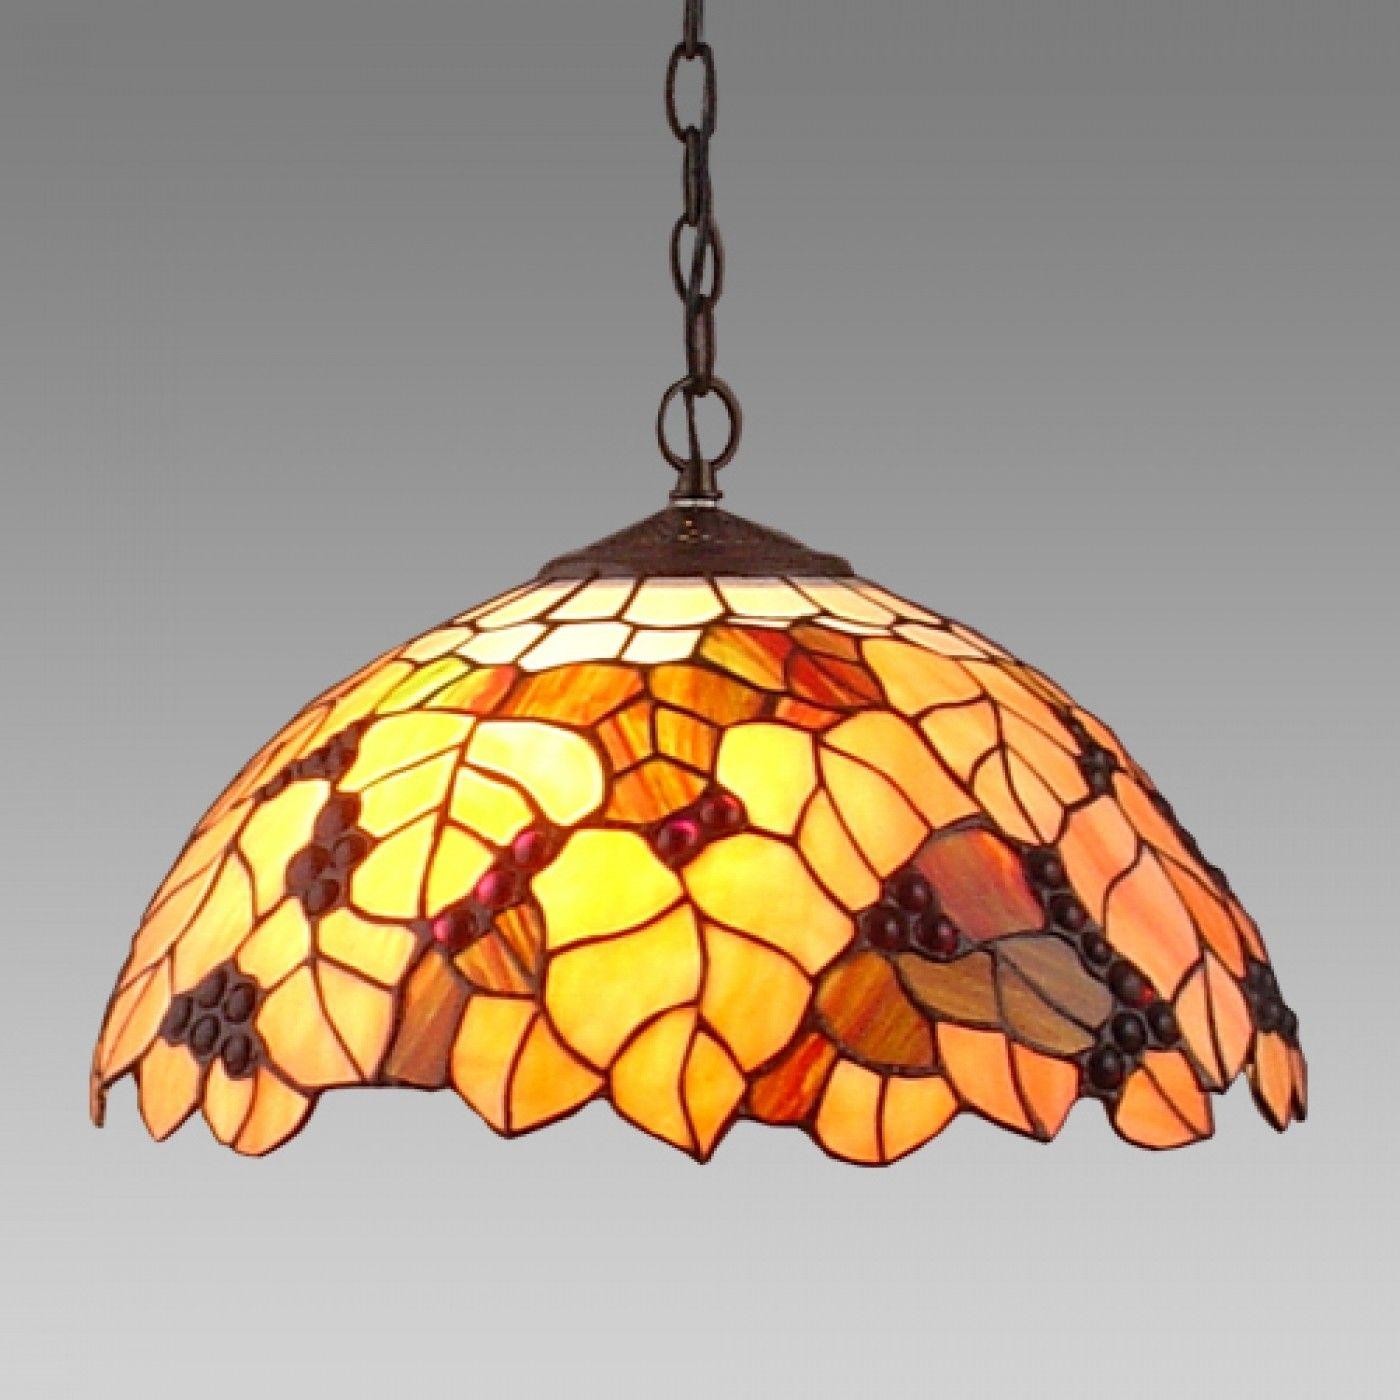 Lampa wisząca witrażowa TIFFANY 2X60W E27 59 PREZENT